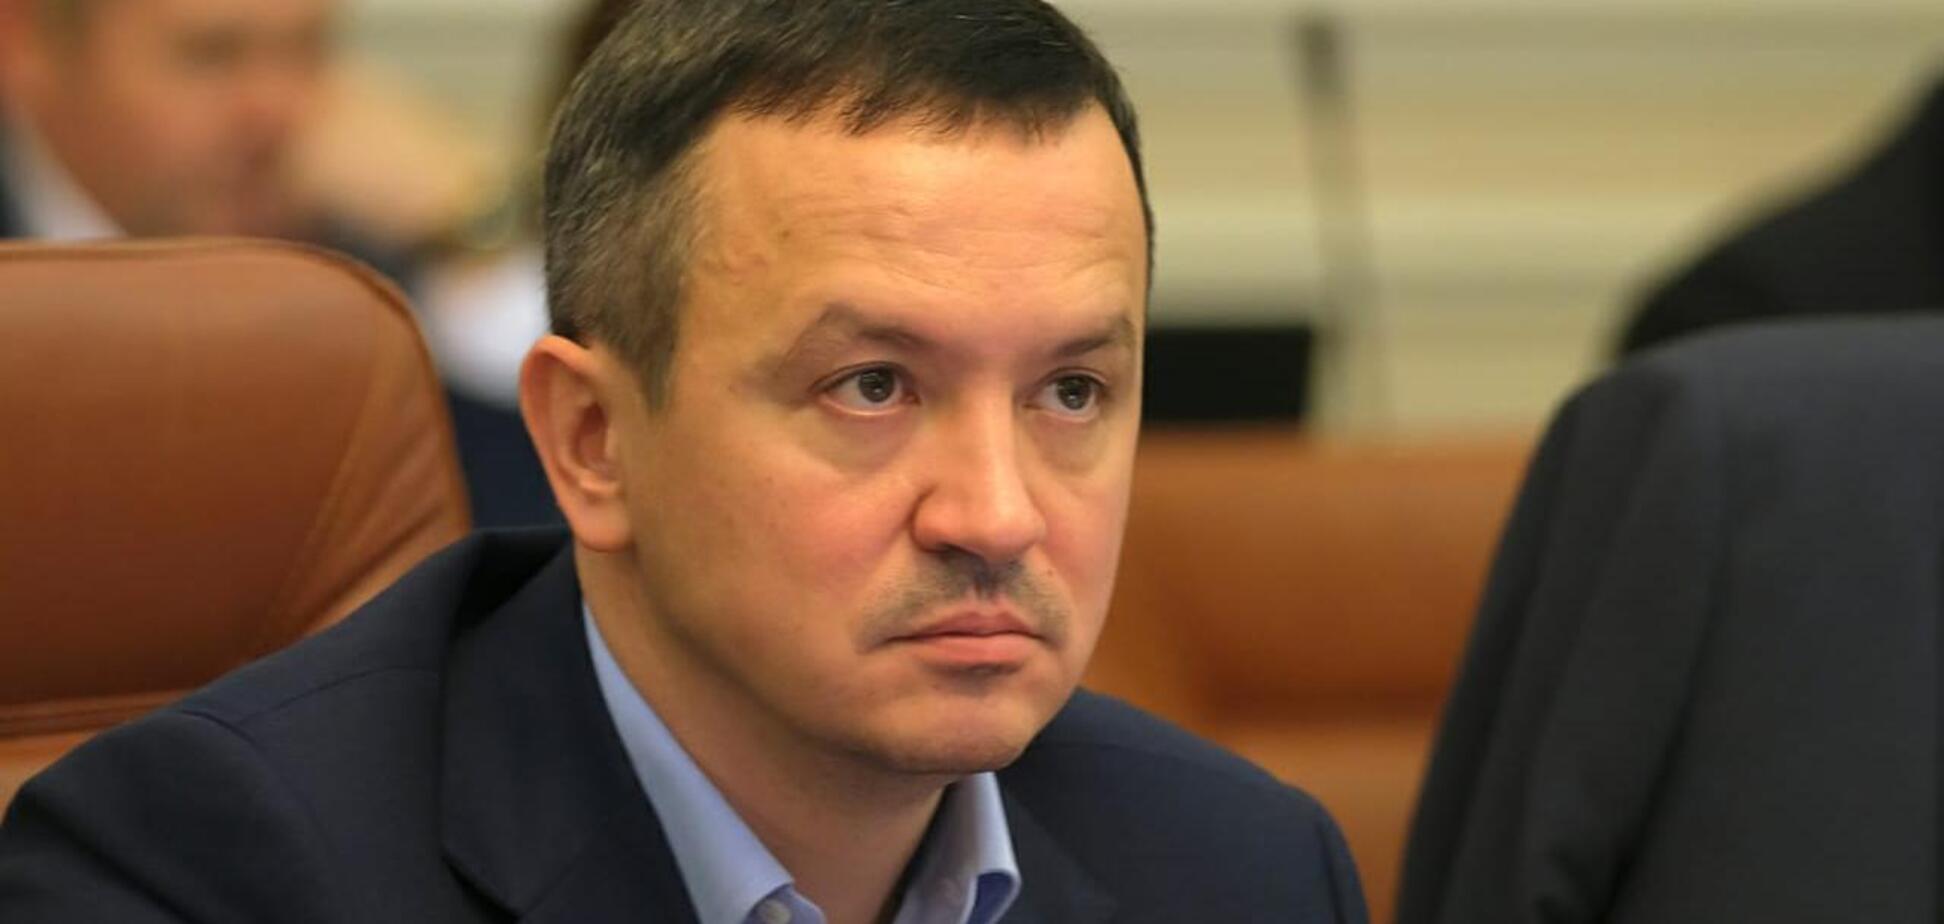 Петрашко попросят на выход, экономическая ситуация в Украине только ухудшается, – политолог